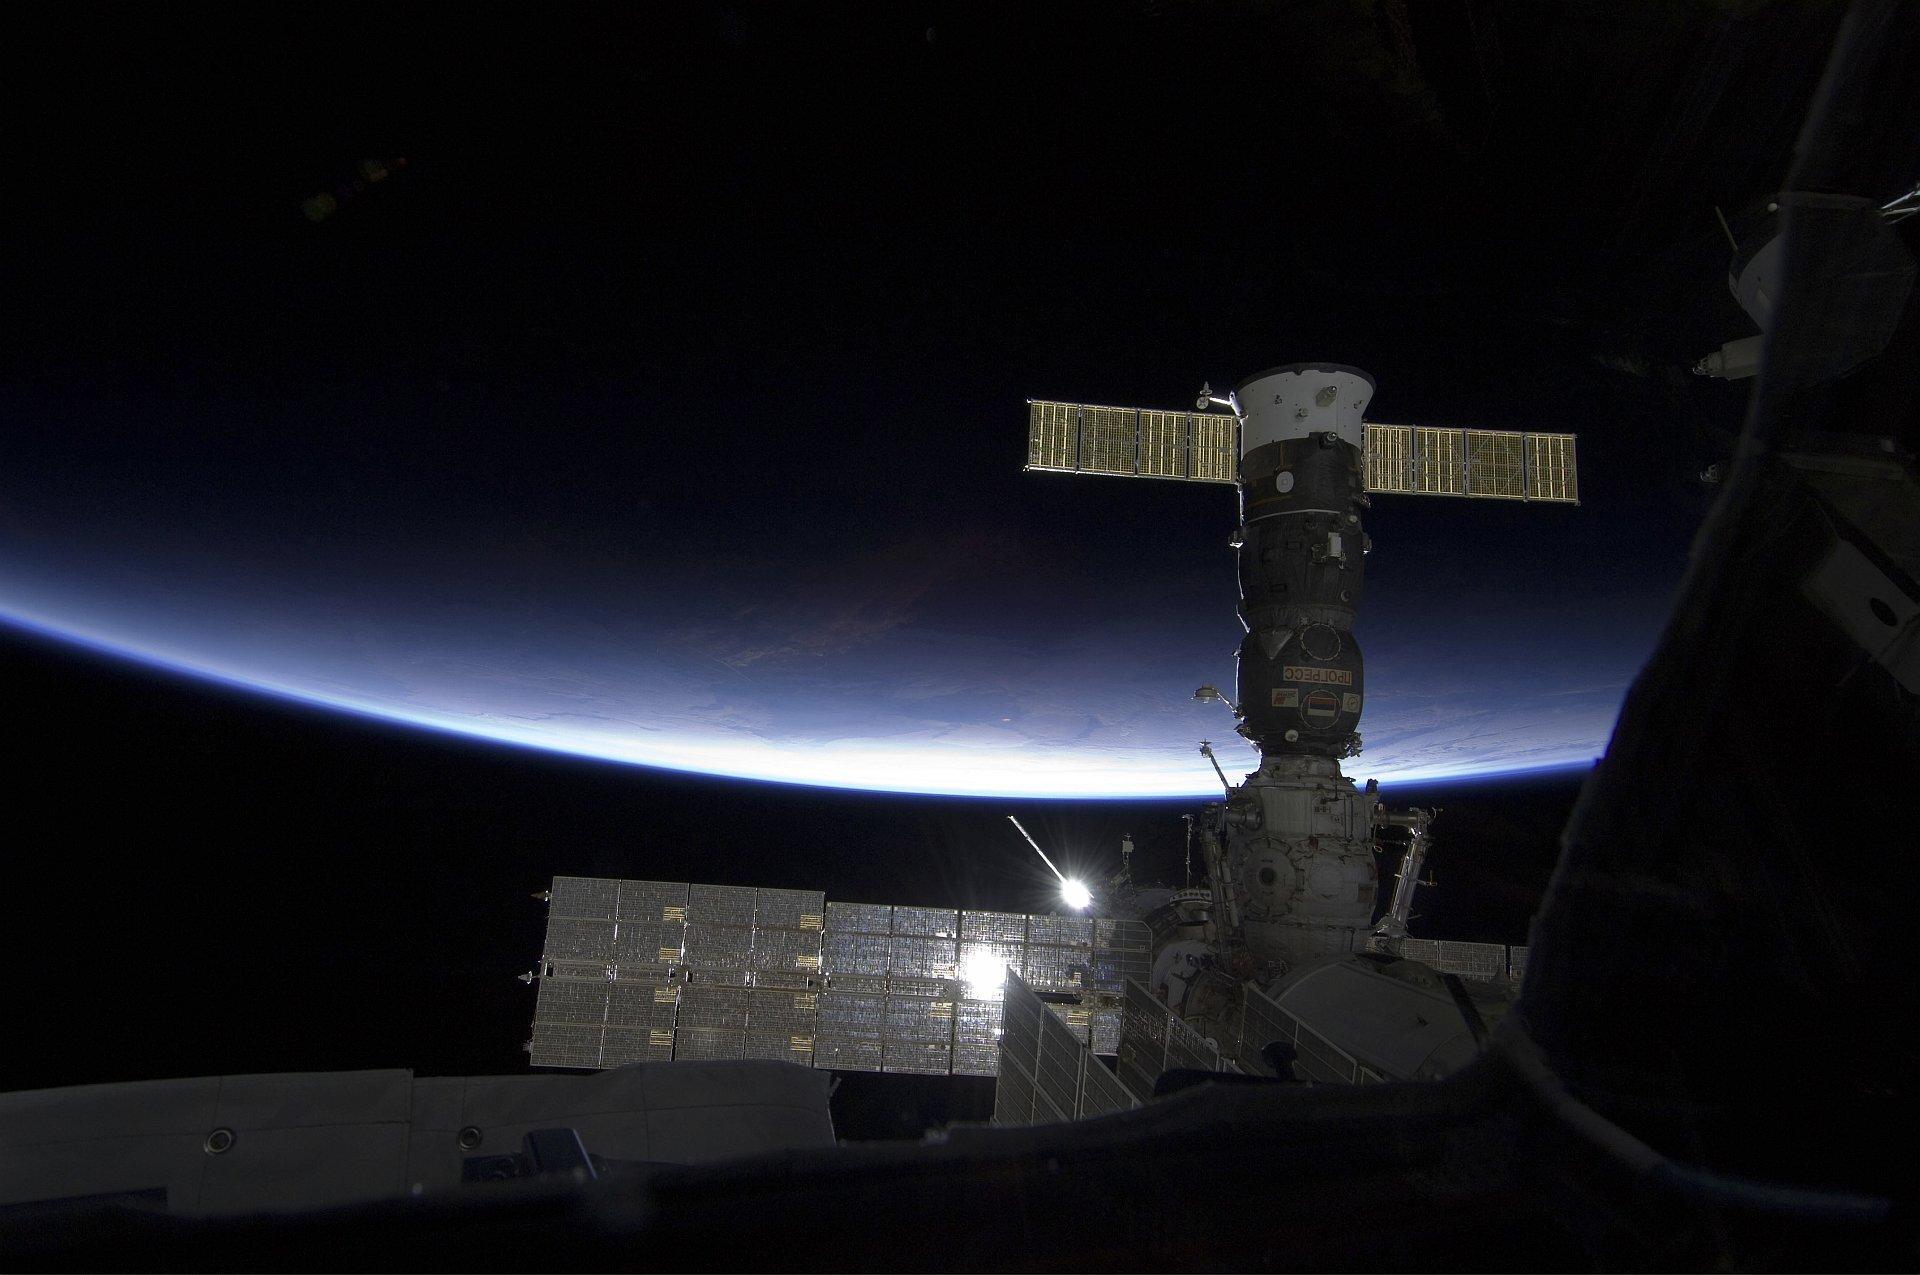 Zdjęcie przedstawia obraz zMiędzynarodowej Stacji Kosmicznej. Na pierwszym planie panele energetyczne iinne elementy konstrukcyjne, daleko wtle ugóry, atak naprawdę daleko poniżej krzywizna Ziemi. Centralna część kadru, wtym fragment linii horyzontu, atakże części stacji znacznie jaśniejsze, oświetlone przez Słońce, które wmomencie wykonywania zdjęcia zasłonięte było największym zpaneli słonecznych.